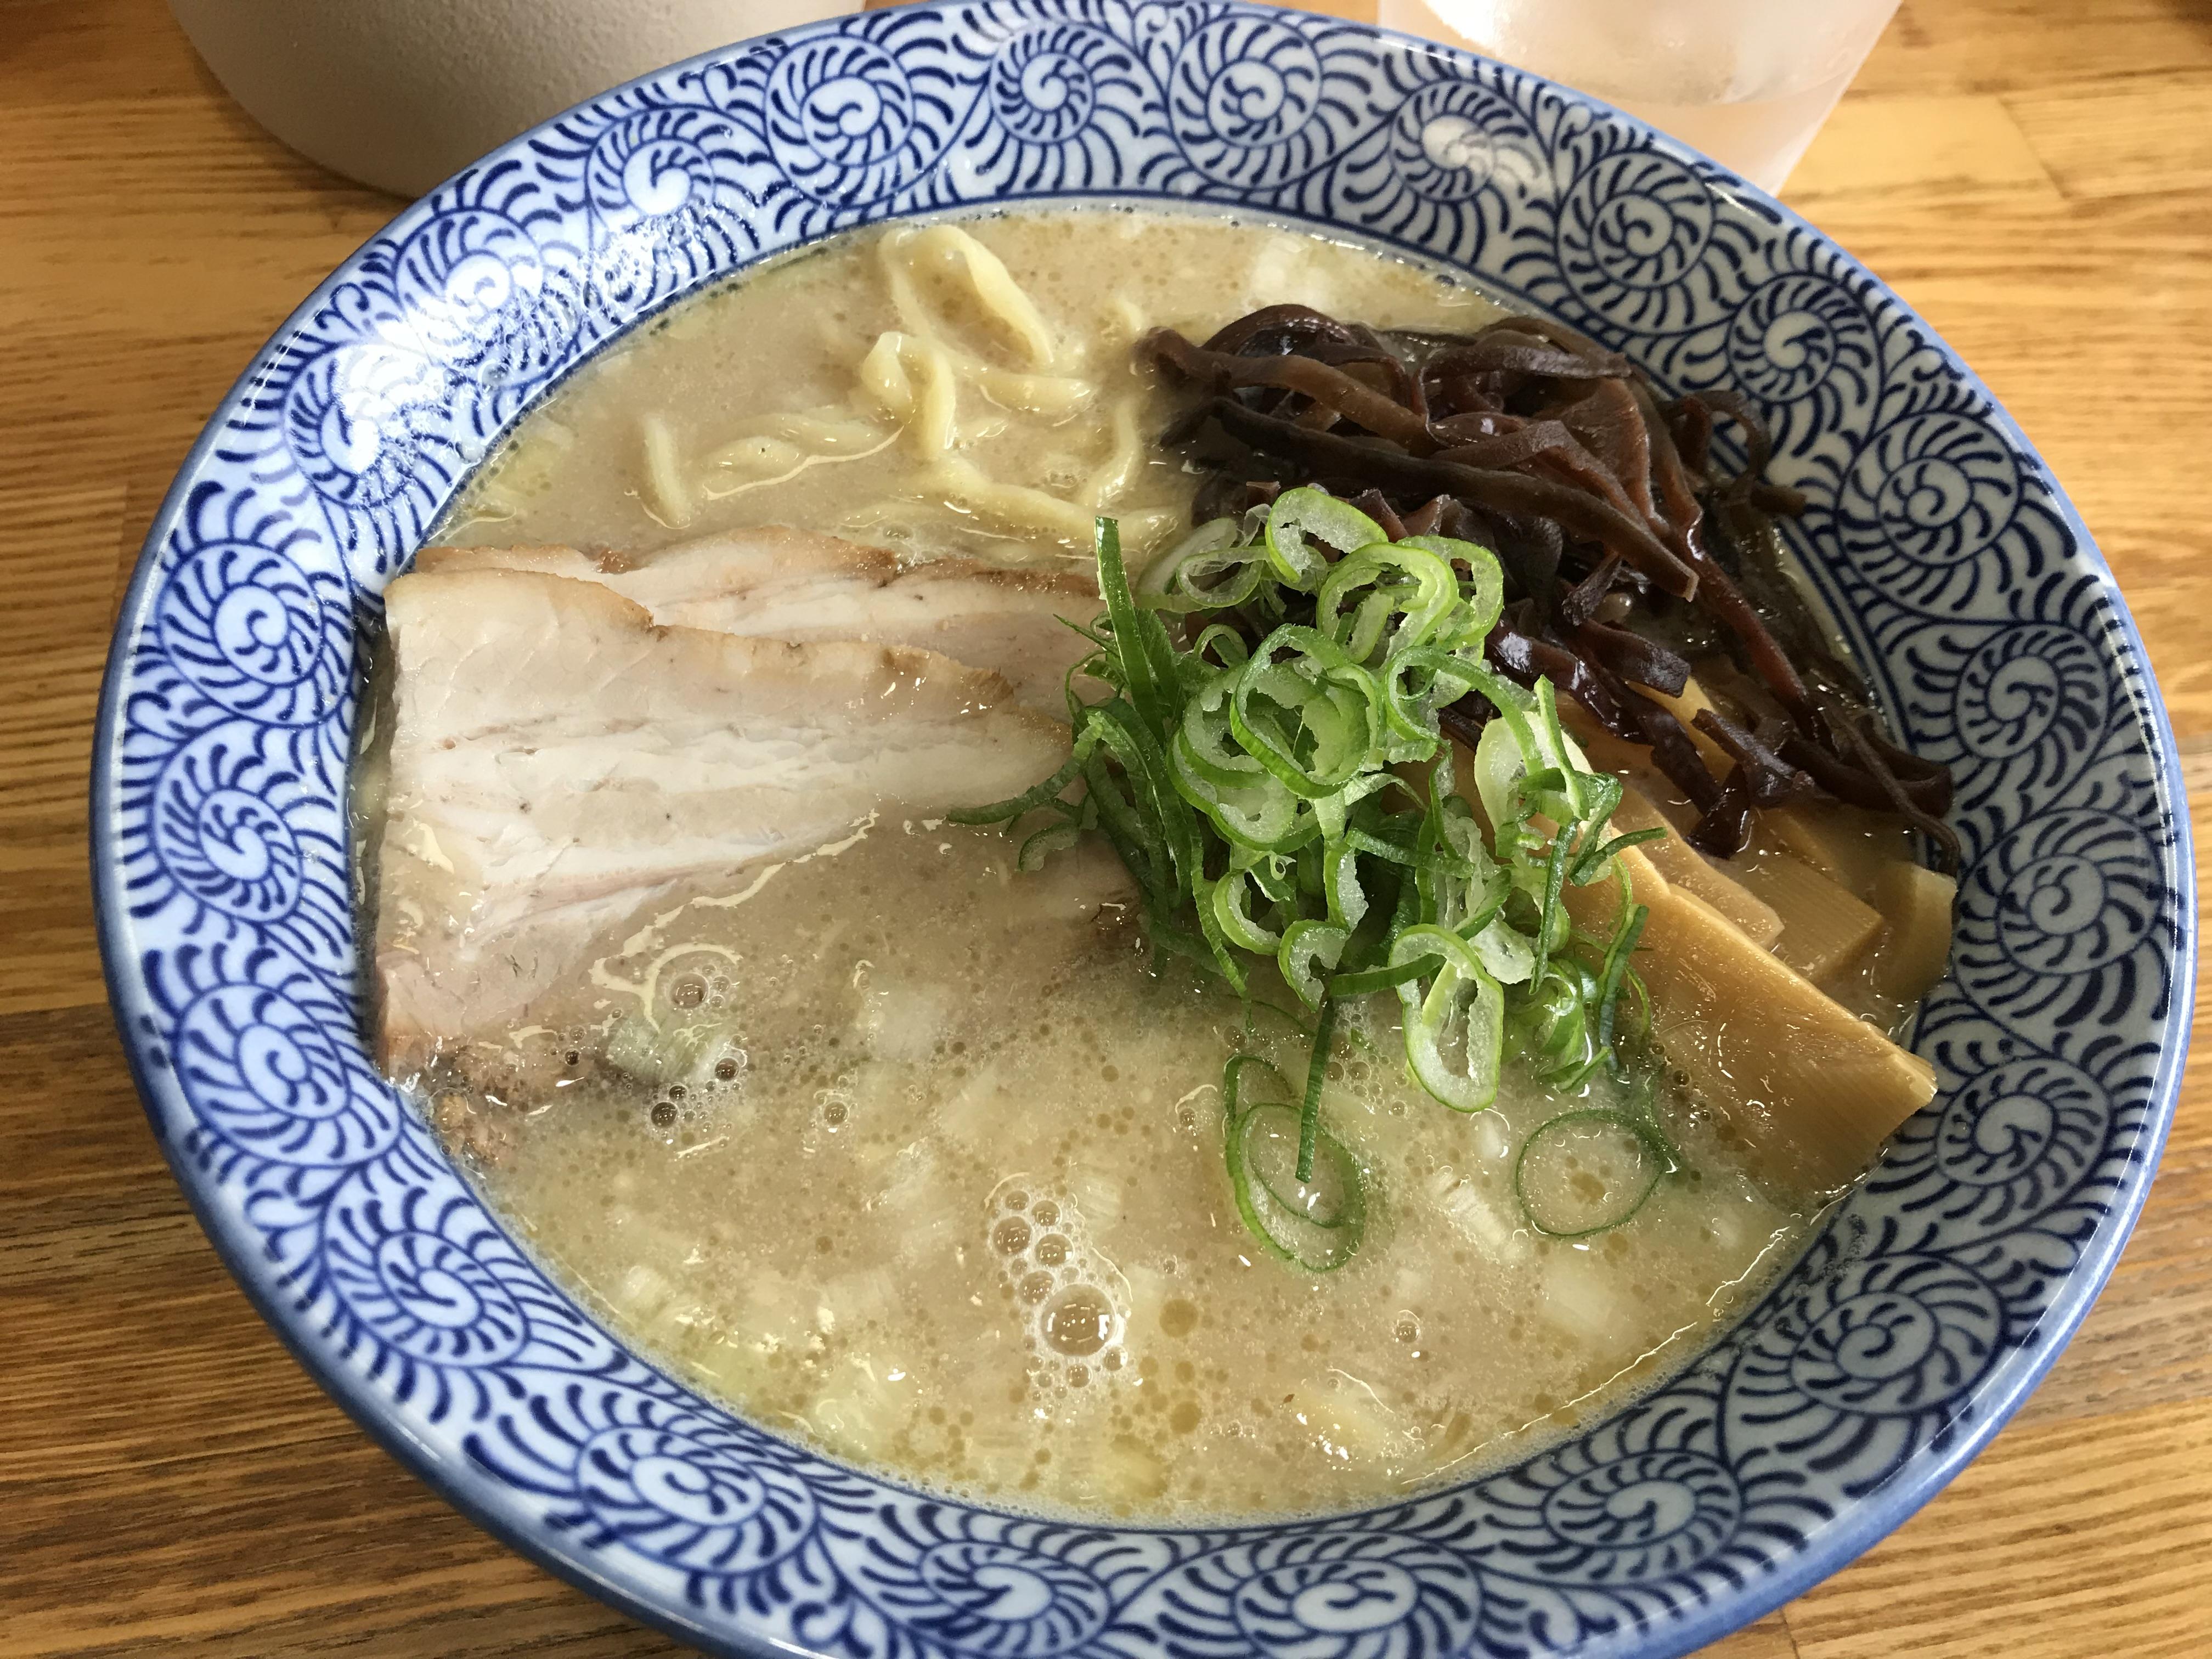 田舎とあなどるなかれ!四国中央市土居町にある「ひかり食堂」の「鶏塩そば」がうまい!